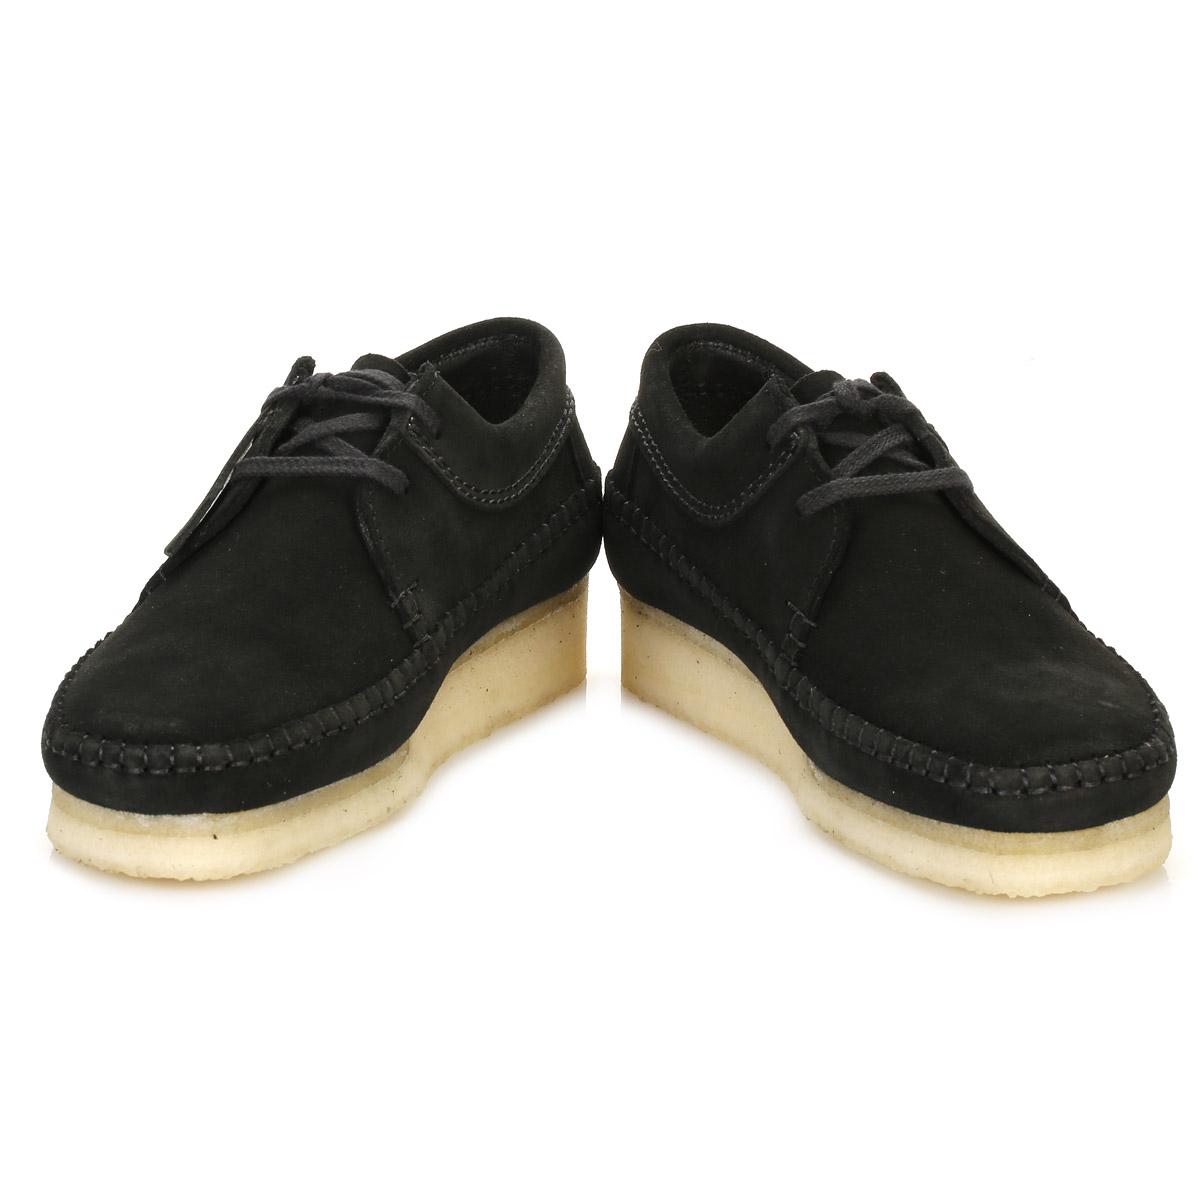 Mens Black Walking Shoes Uk